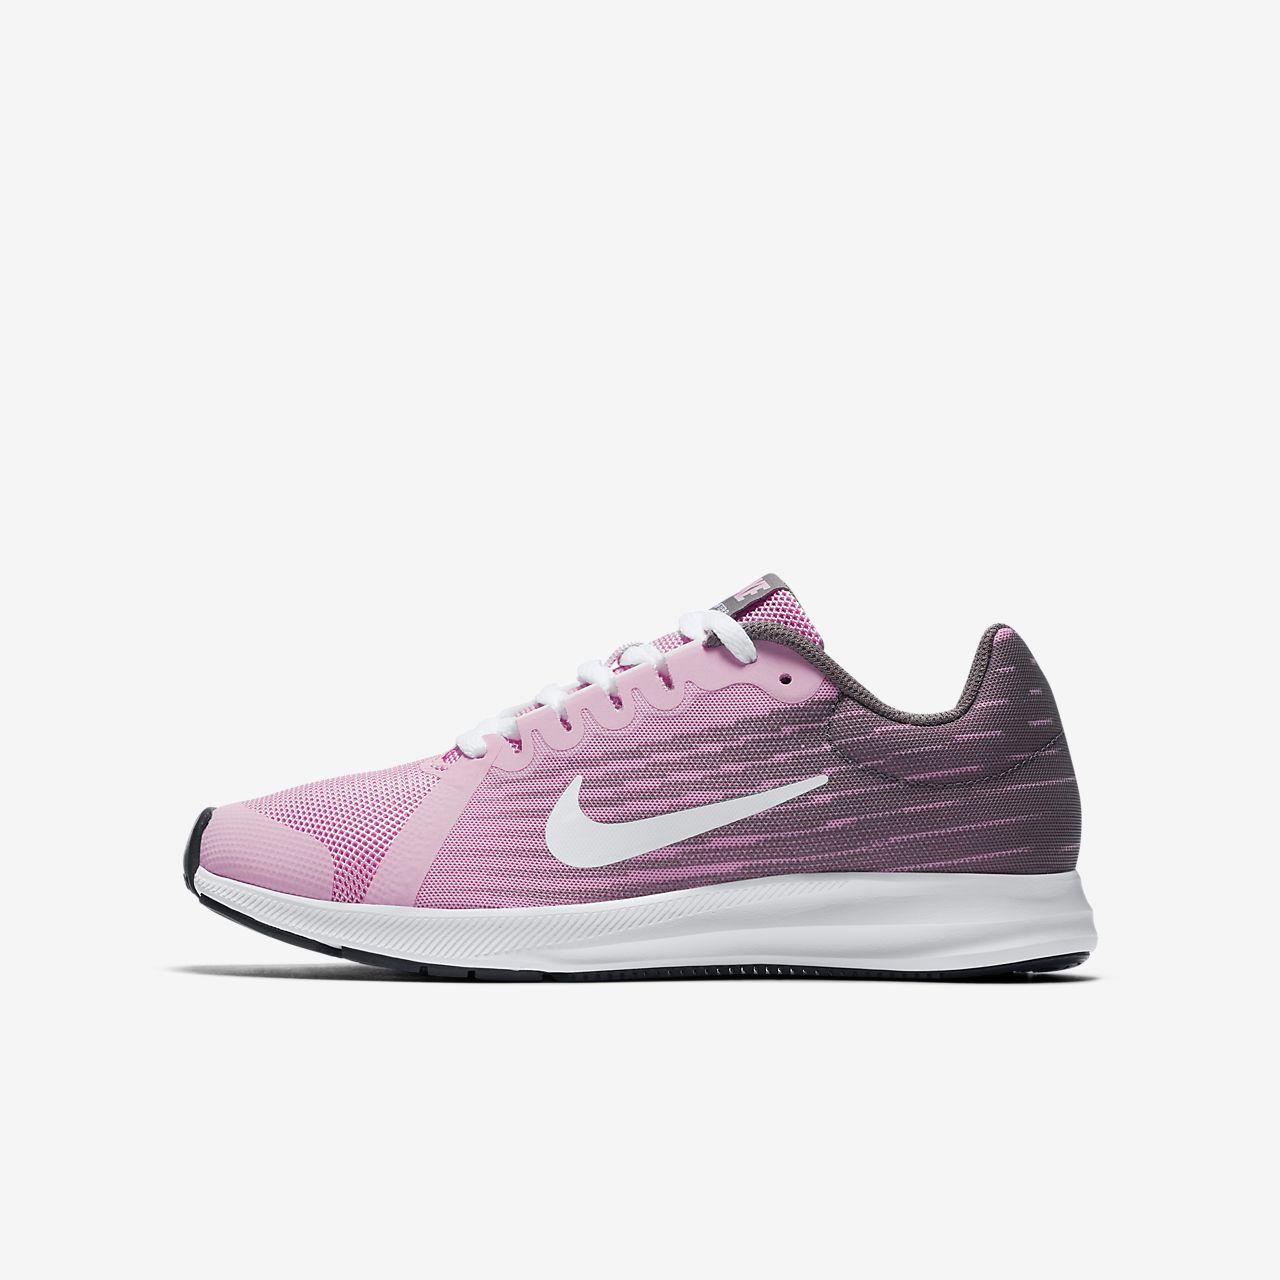 Παπούτσι για τρέξιμο Nike Downshifter 8 για μεγάλα παιδιά. Nike.com GR 3ee1b013941